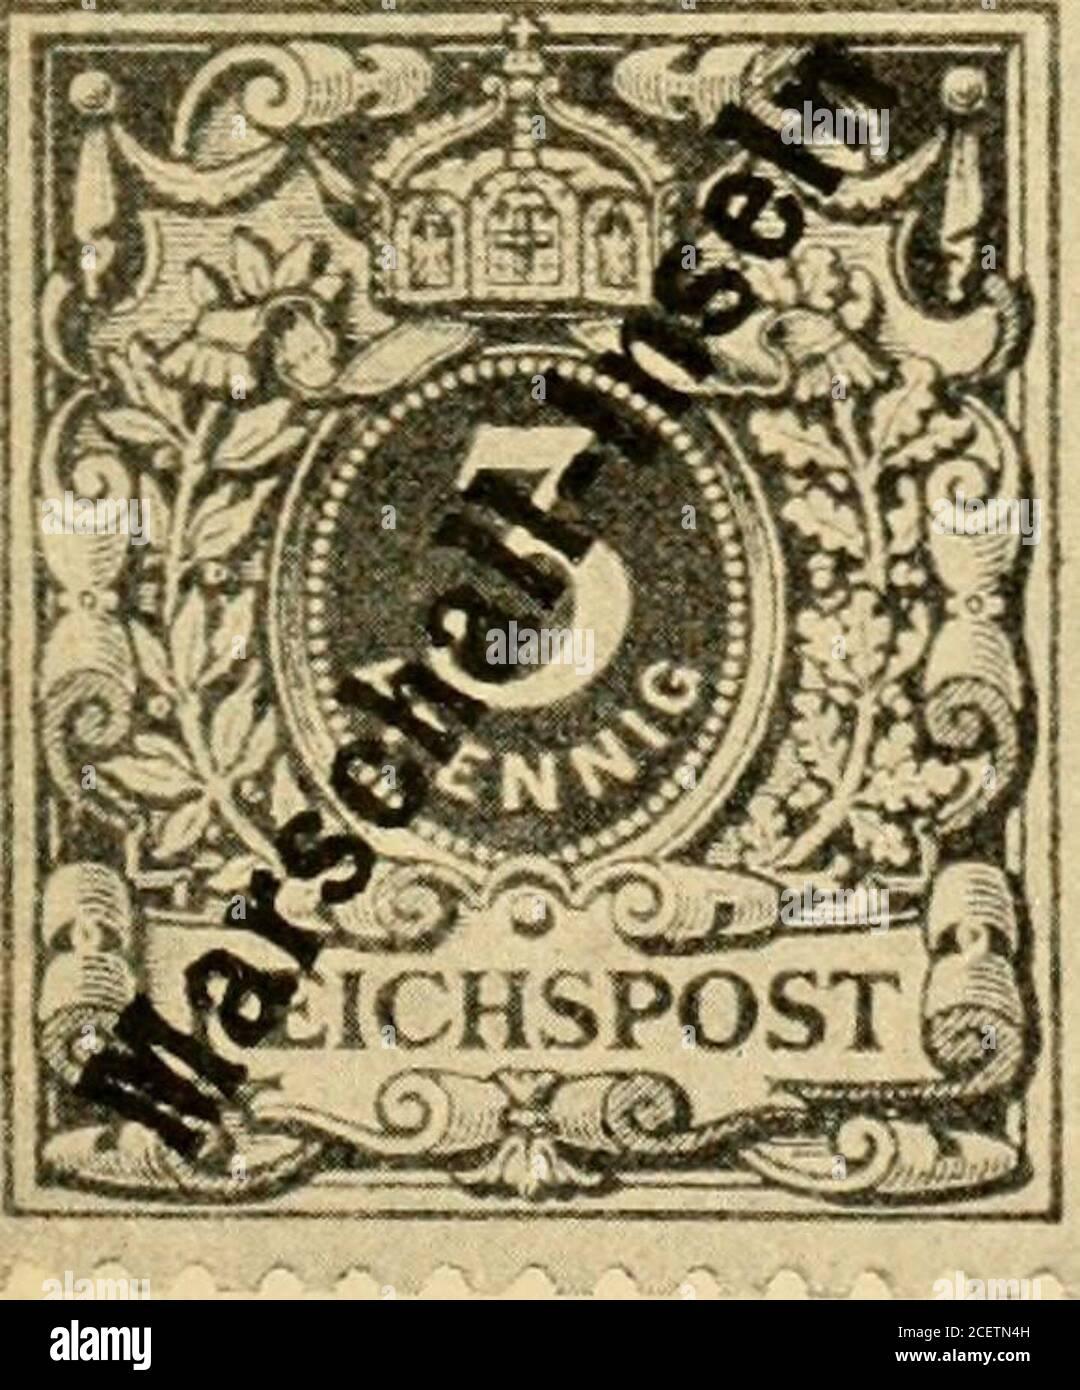 . Die postwertzeichen und entwertungen der deutschen postanstalten in den schutzgebieten und im auslande. Nr. 1 I. 3 Pfennig graubraun. Nr. 5 V. Feld 1 desBügens hat unbeschädigtes c. 25 Pfennig gelb. Kiältiger Aufdruck. Kräftiger Aufdruck. Die Auflagehöhe der Berner Ausgabe betrug 800 Sätze 3—50 Pfennig, von denen 760 Sätzezur Verteilung und zwar je 5 Sätze an jede am Weltpostverein beteiligte Verwaltung gelangte,während 40 Sätze vom Keichs-Postamt im Tauschweg an Herrn A. in Berlin grgeben wurden. Echt gebraucht sind die Marschall-Marken der Bern er Ausgabe nicht beobachtet worden. Die gleic Stock Photo